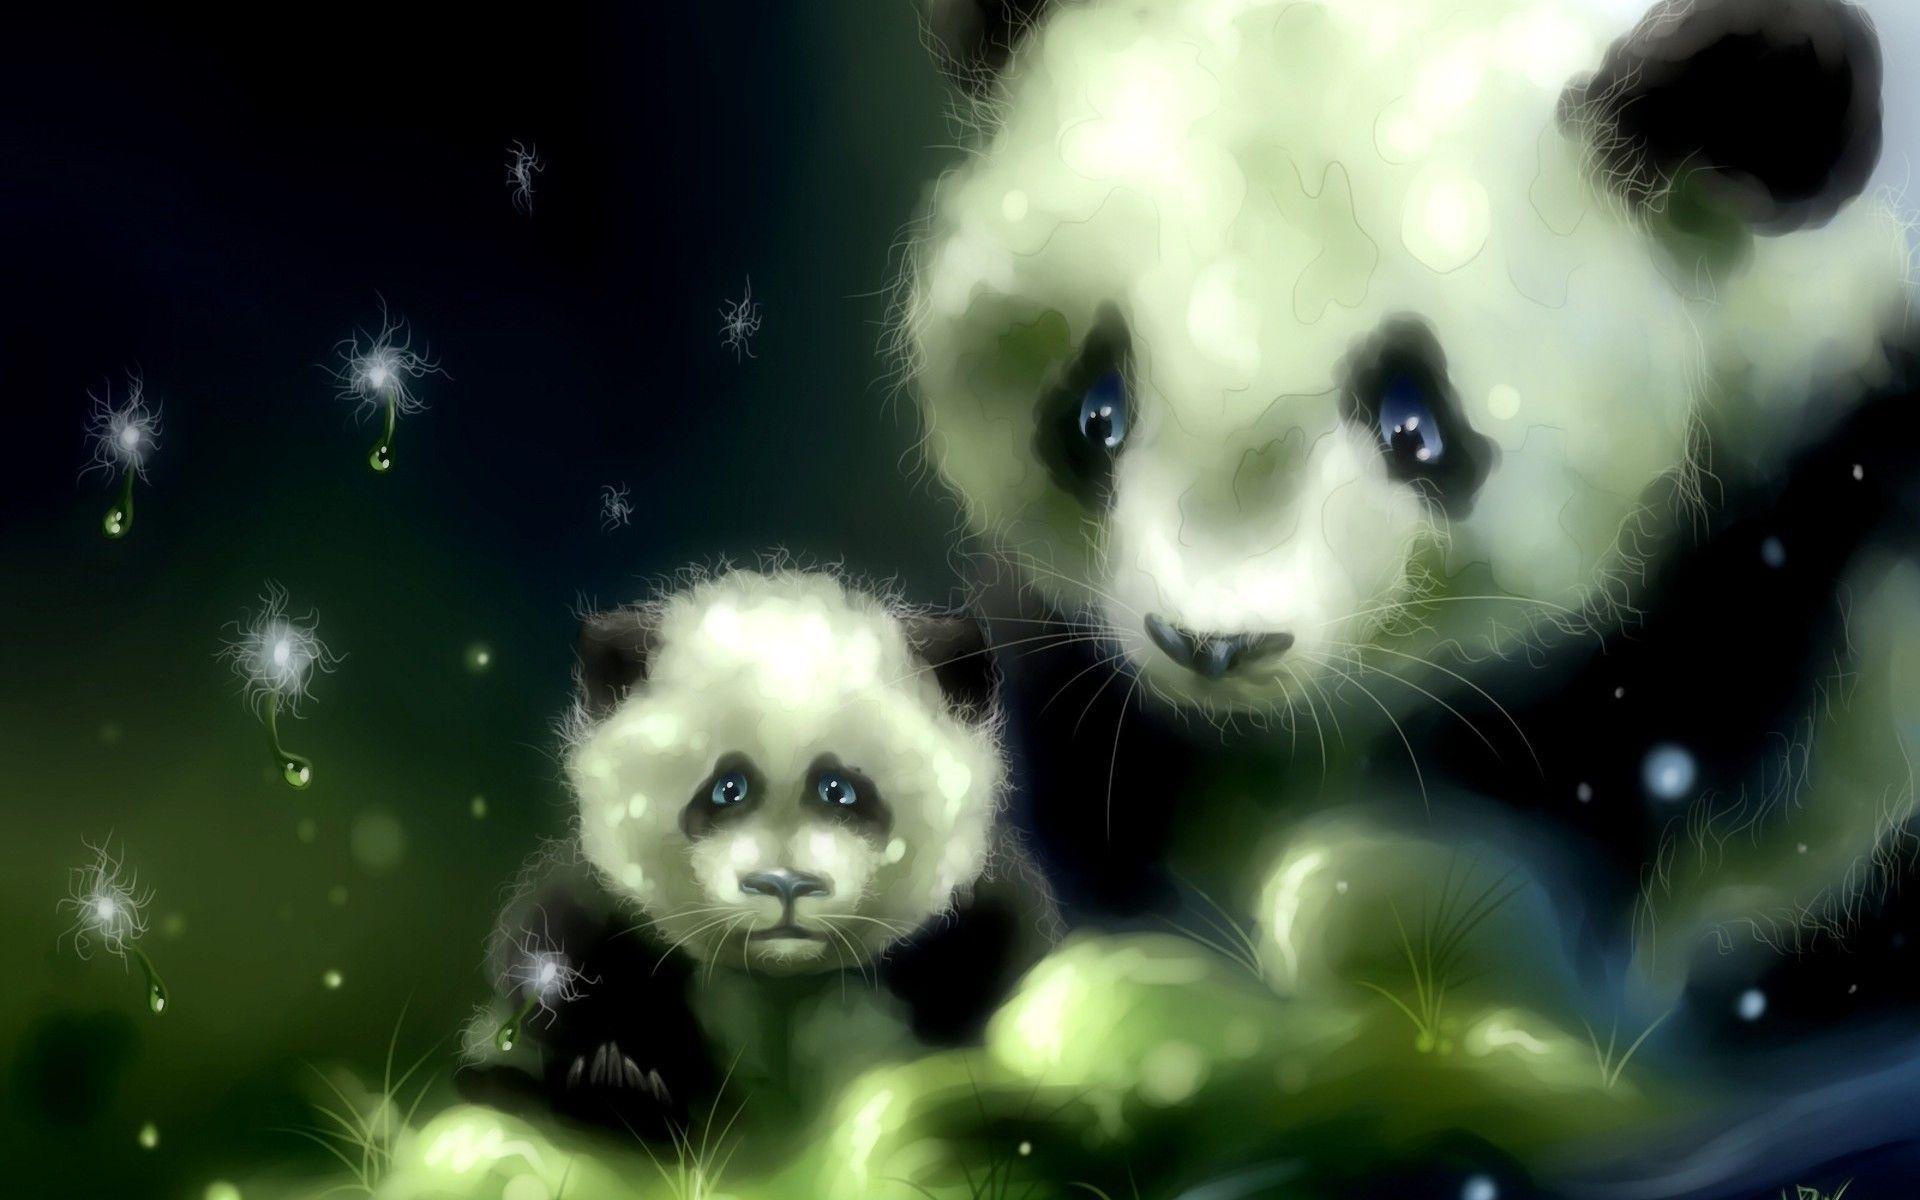 Cute Panda Backgrounds Wallpaper Cave Panda Background Baby Animal Art Panda Bears Wallpaper